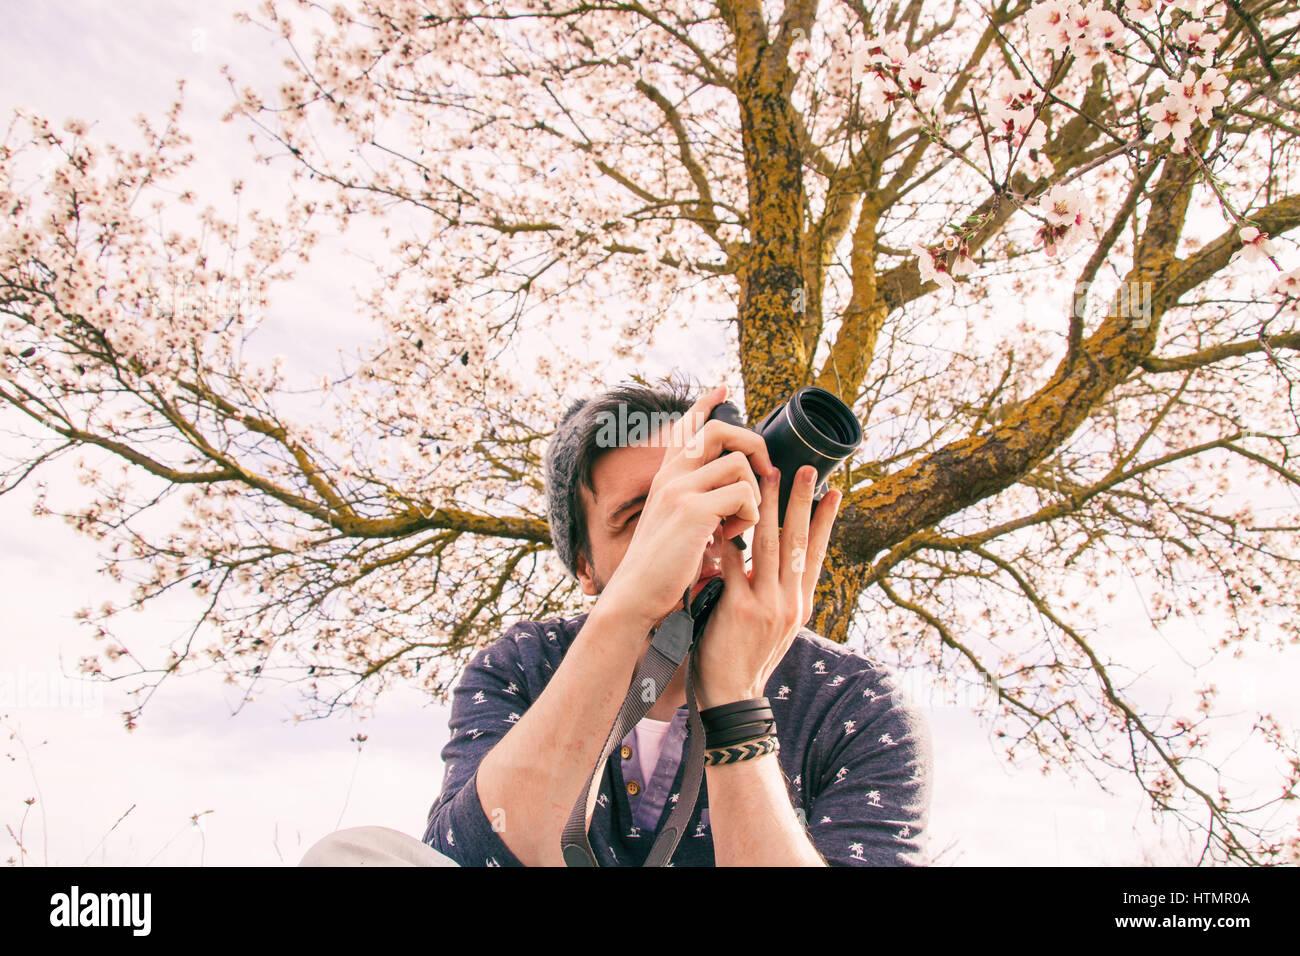 Junge Hipster Mann Aufnahmen bei einem Baum Blüte im Frühjahr Stockbild